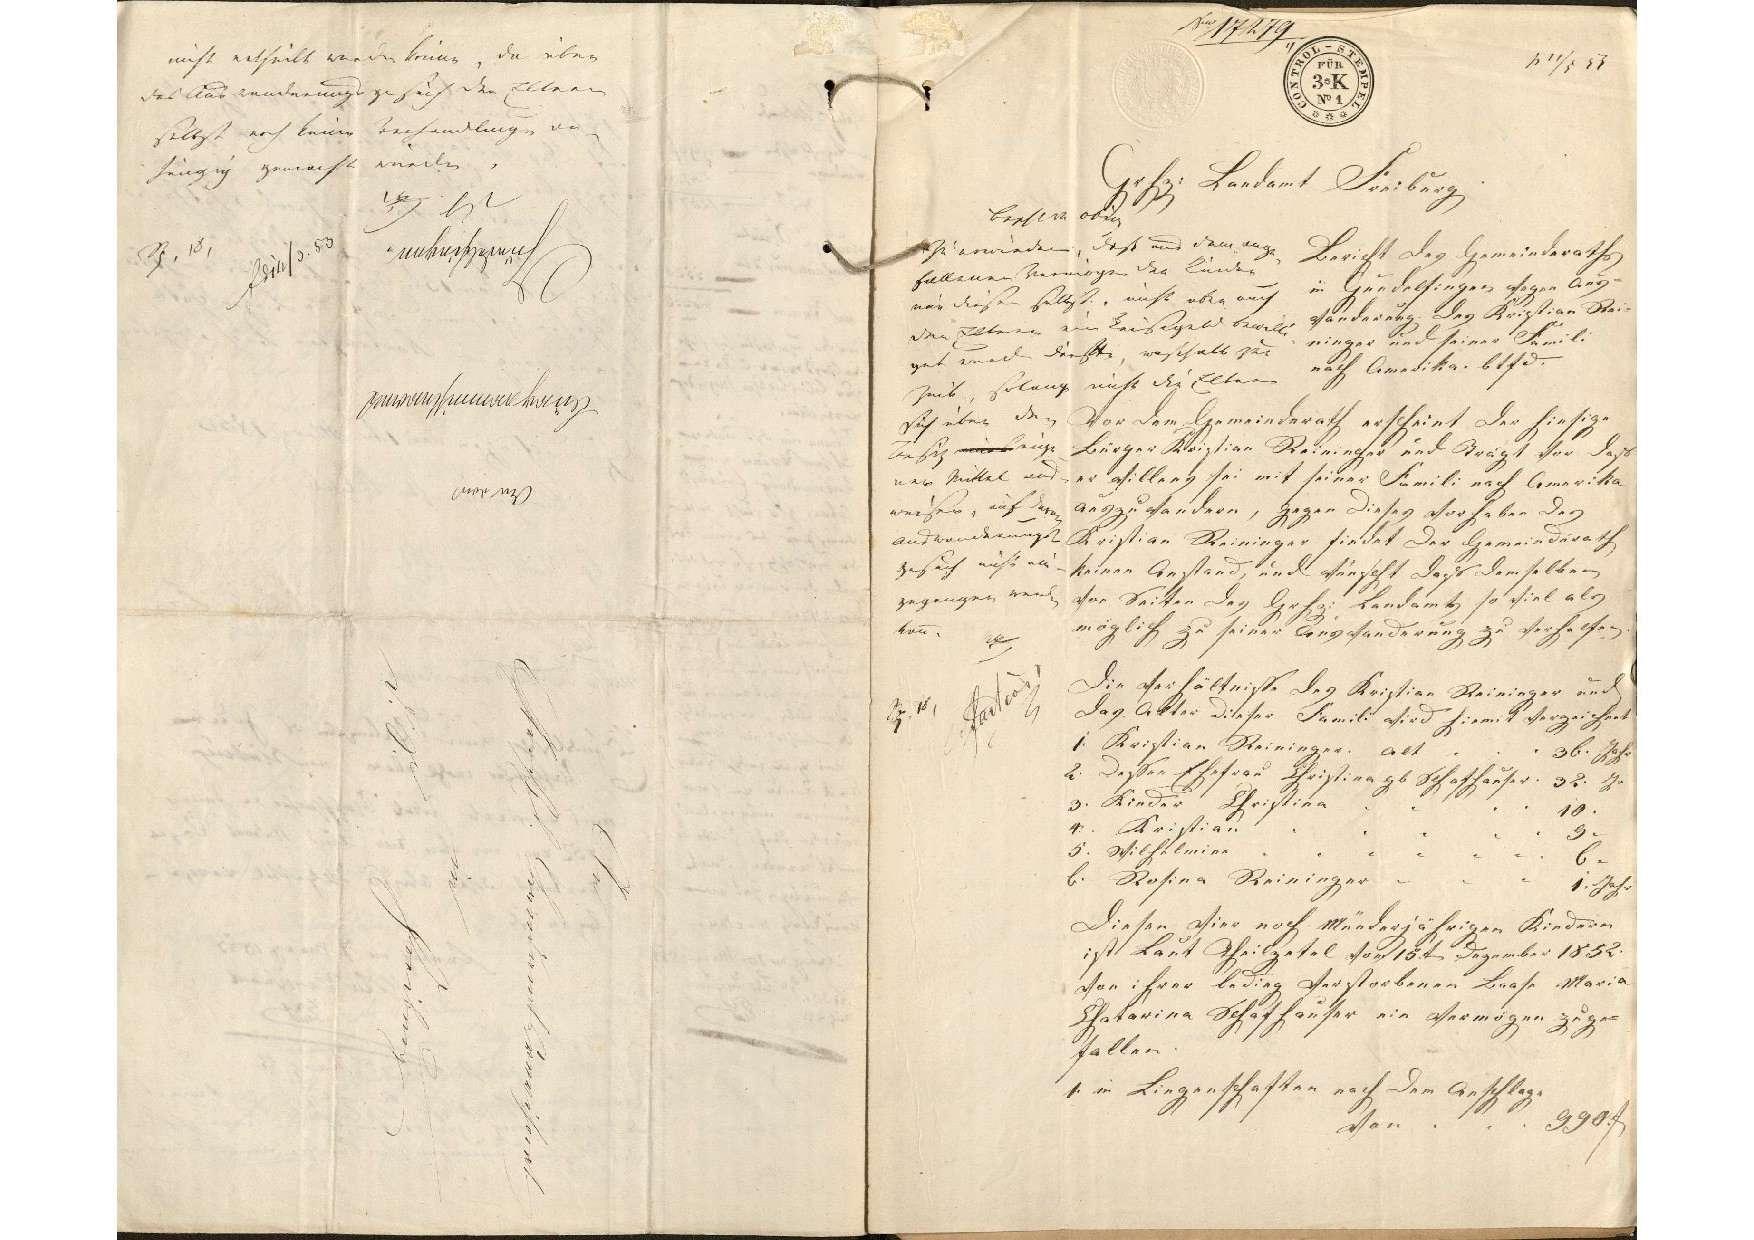 Auswanderung des Christian Reininger von Gundelfingen mit seiner Familie nach Amerika, Bild 3